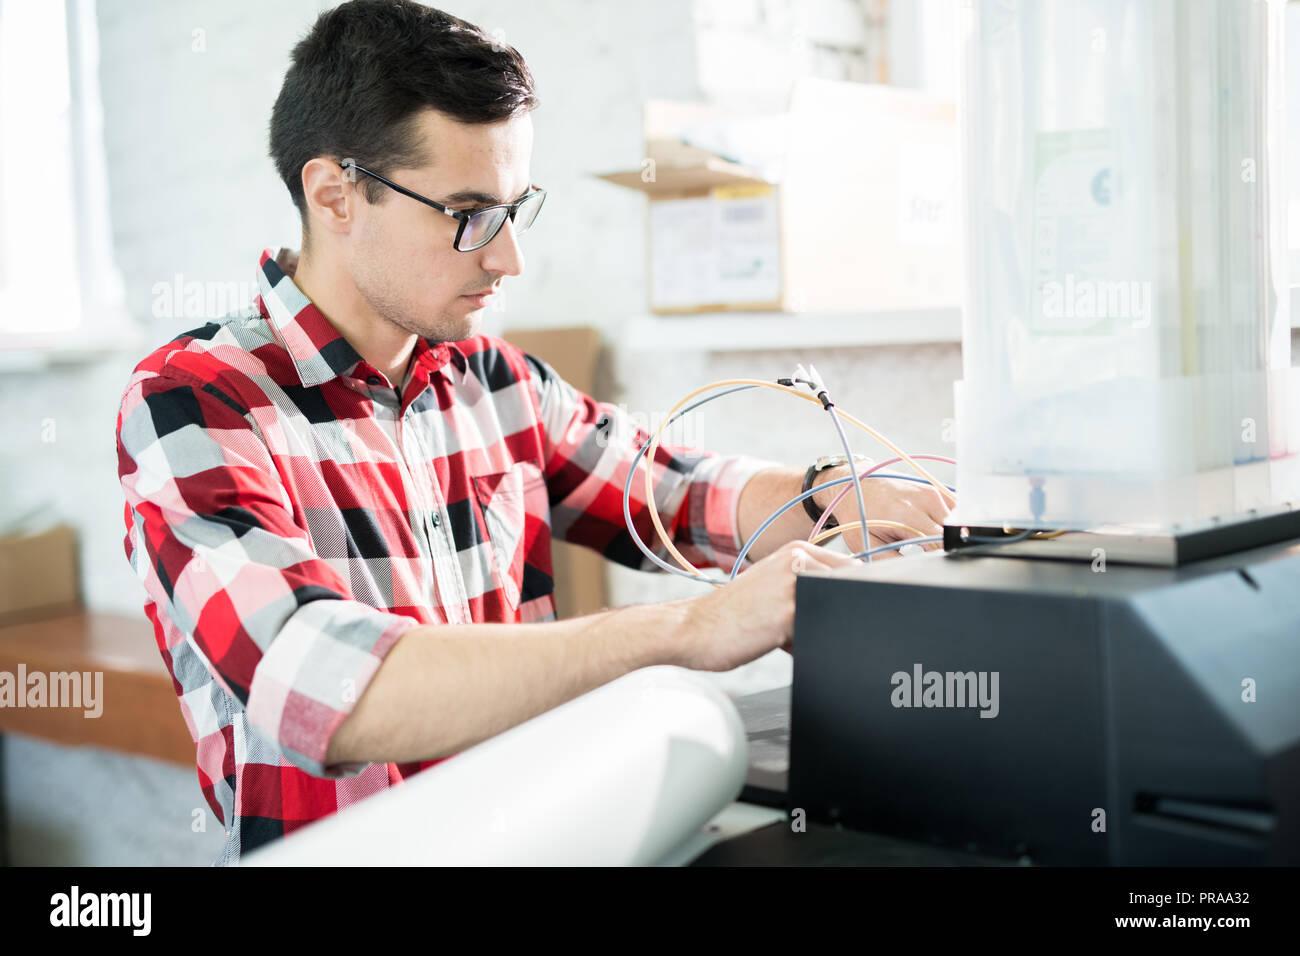 Ingénieur chargé de la réparation de l'imprimante de bureau dans le domaine de l'impression Photo Stock